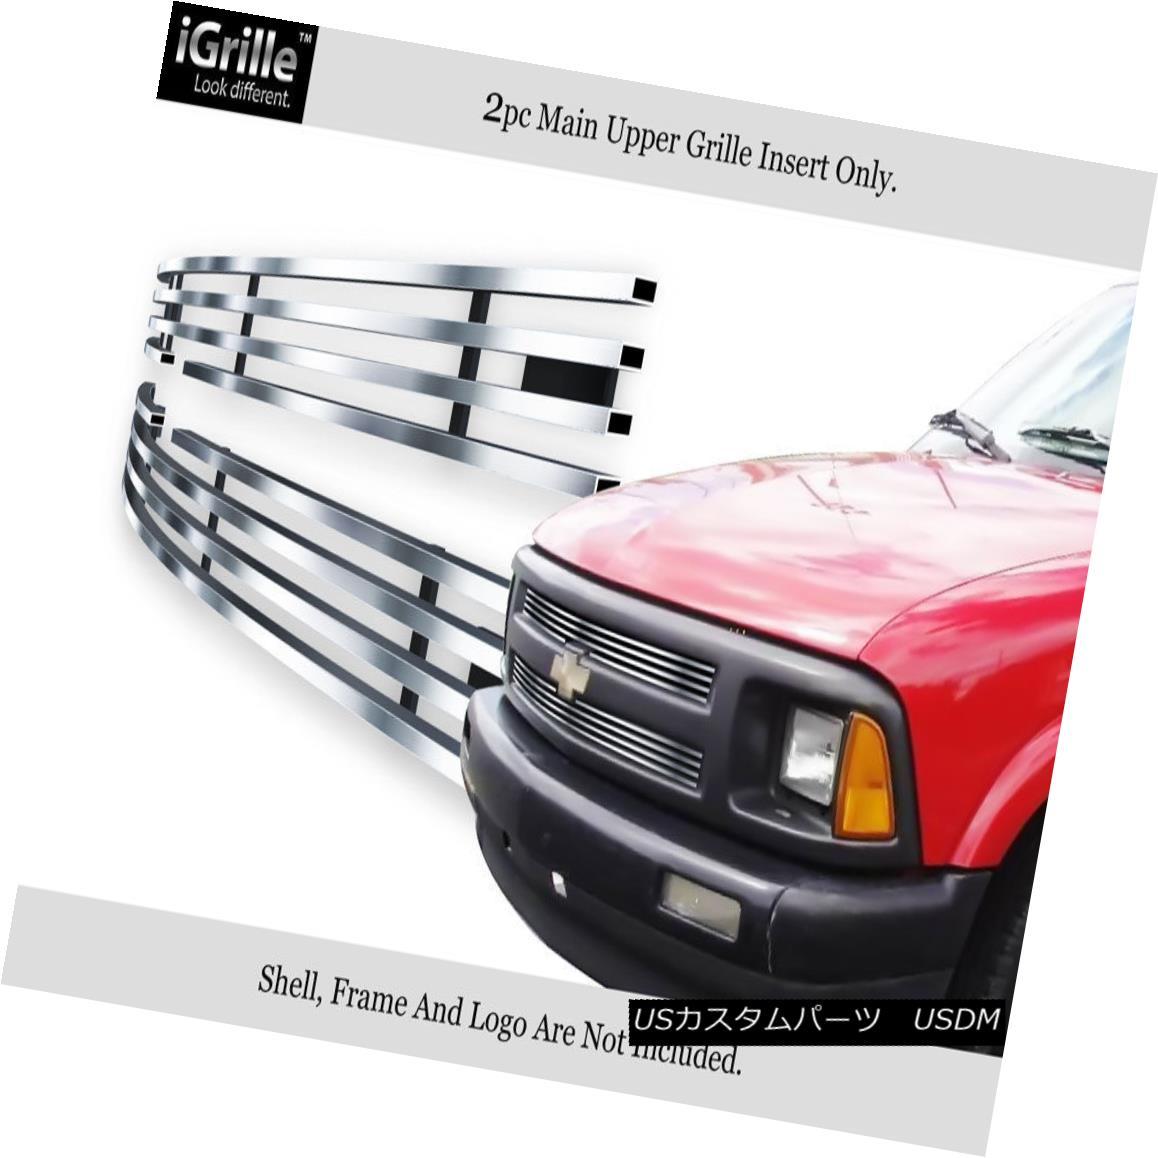 グリル For 1994-1997 Chevy S-10 S10 Pickup Stainless Steel Billet Grille Insert 1994-1997シボレーS-10 S10ピックアップ用ステンレス鋼ビレットグリルインサート